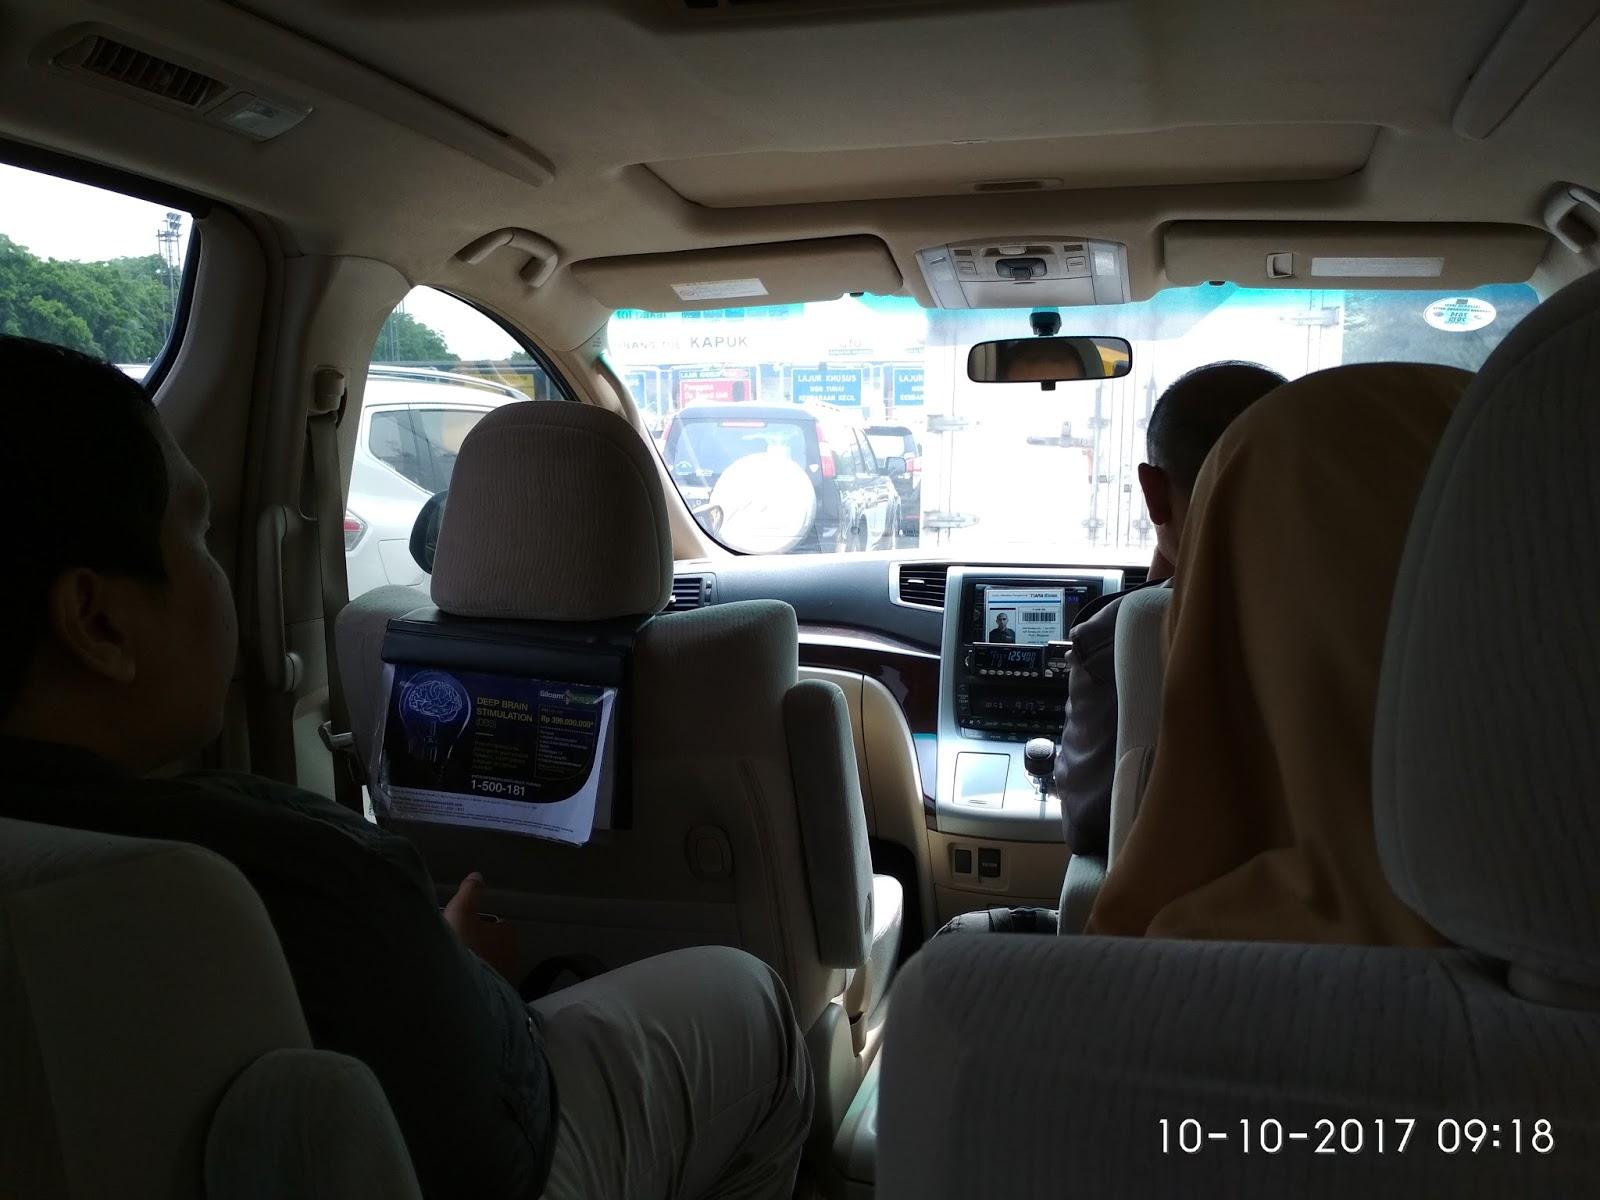 Alphard Taxi